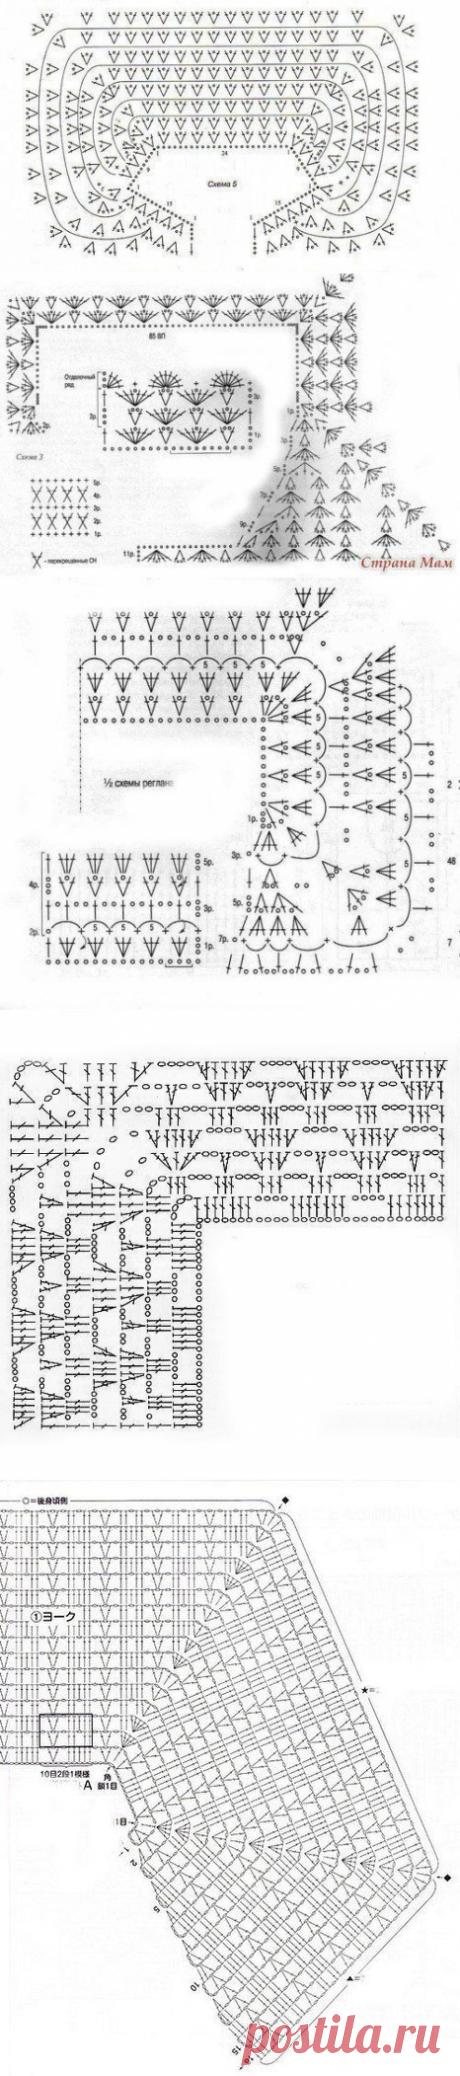 Схемы для реглана, вяжем спицами и крючком